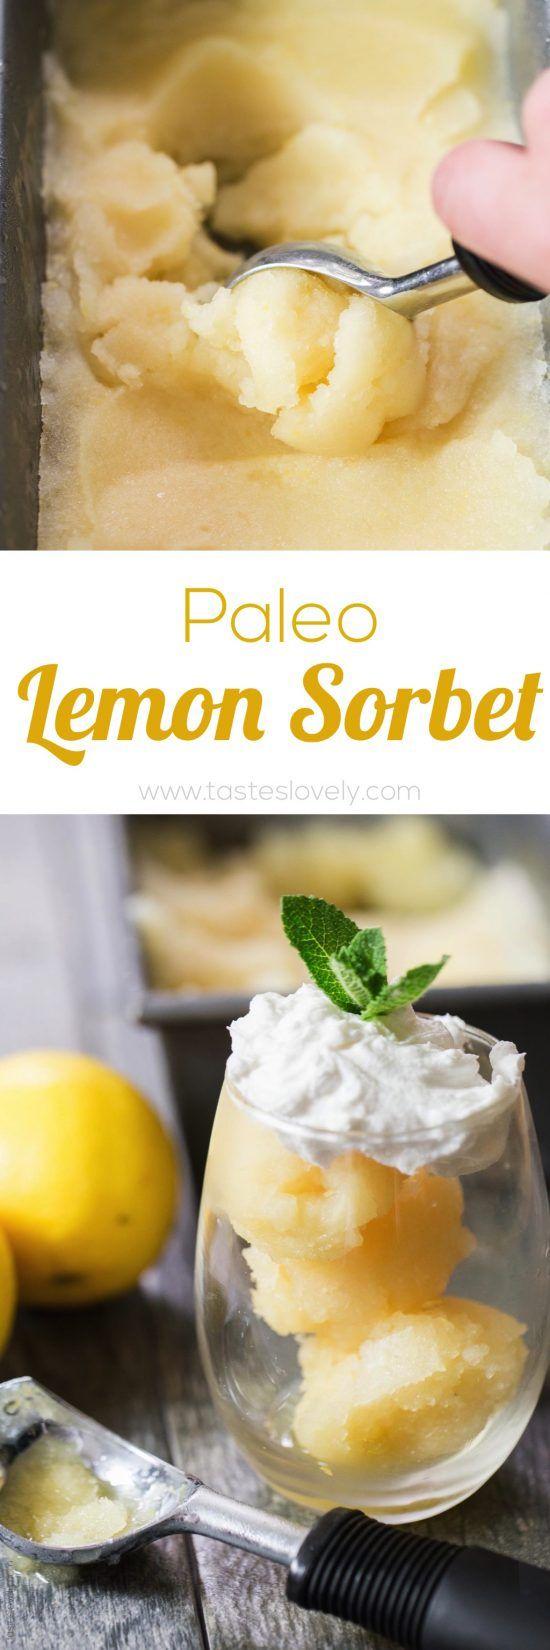 lemon sorbet - paleo, vegan. gluten free